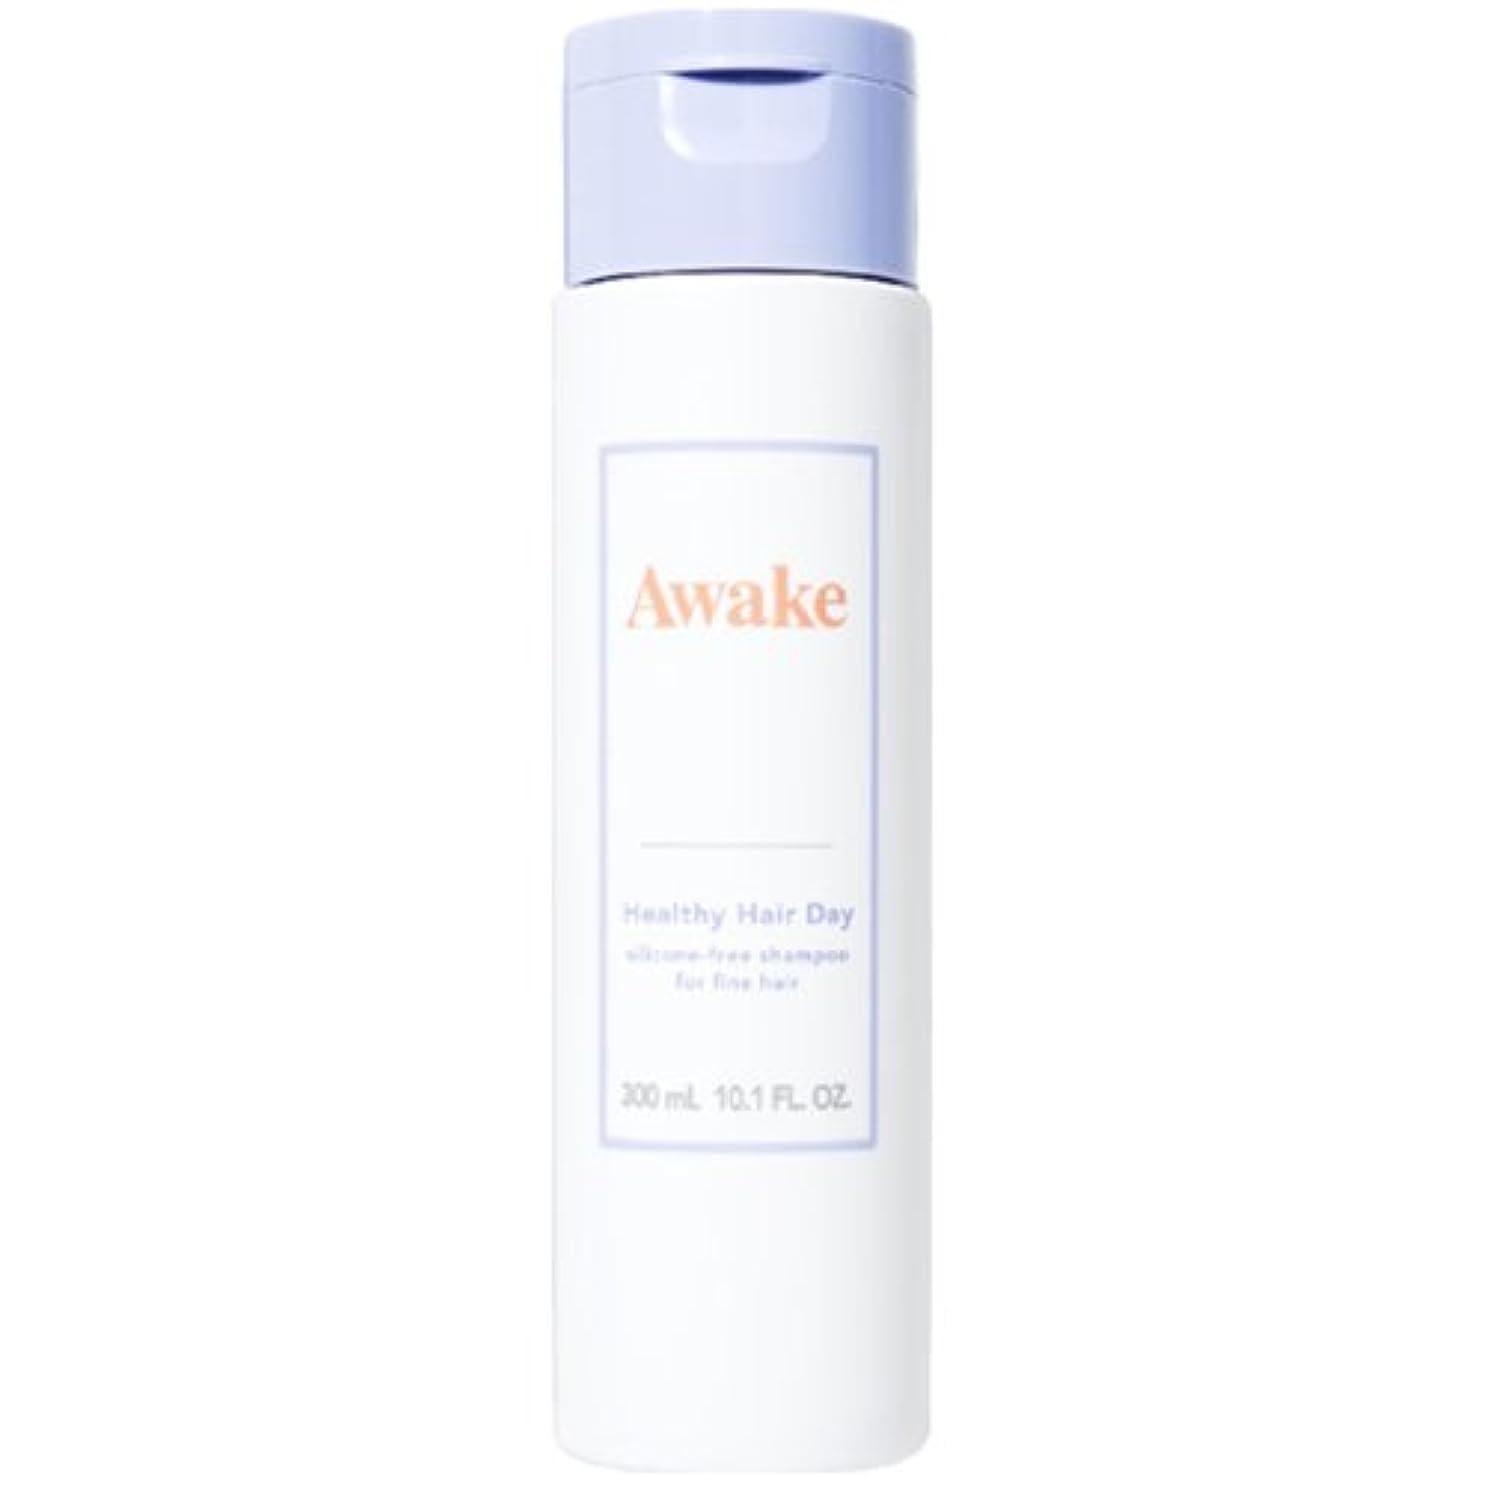 補助微生物プロペラアウェイク(AWAKE) Awake(アウェイク) ヘルシーヘアデイ シリコーンフリー ヘアシャンプー ハリコシアップヘア用 (300mL)